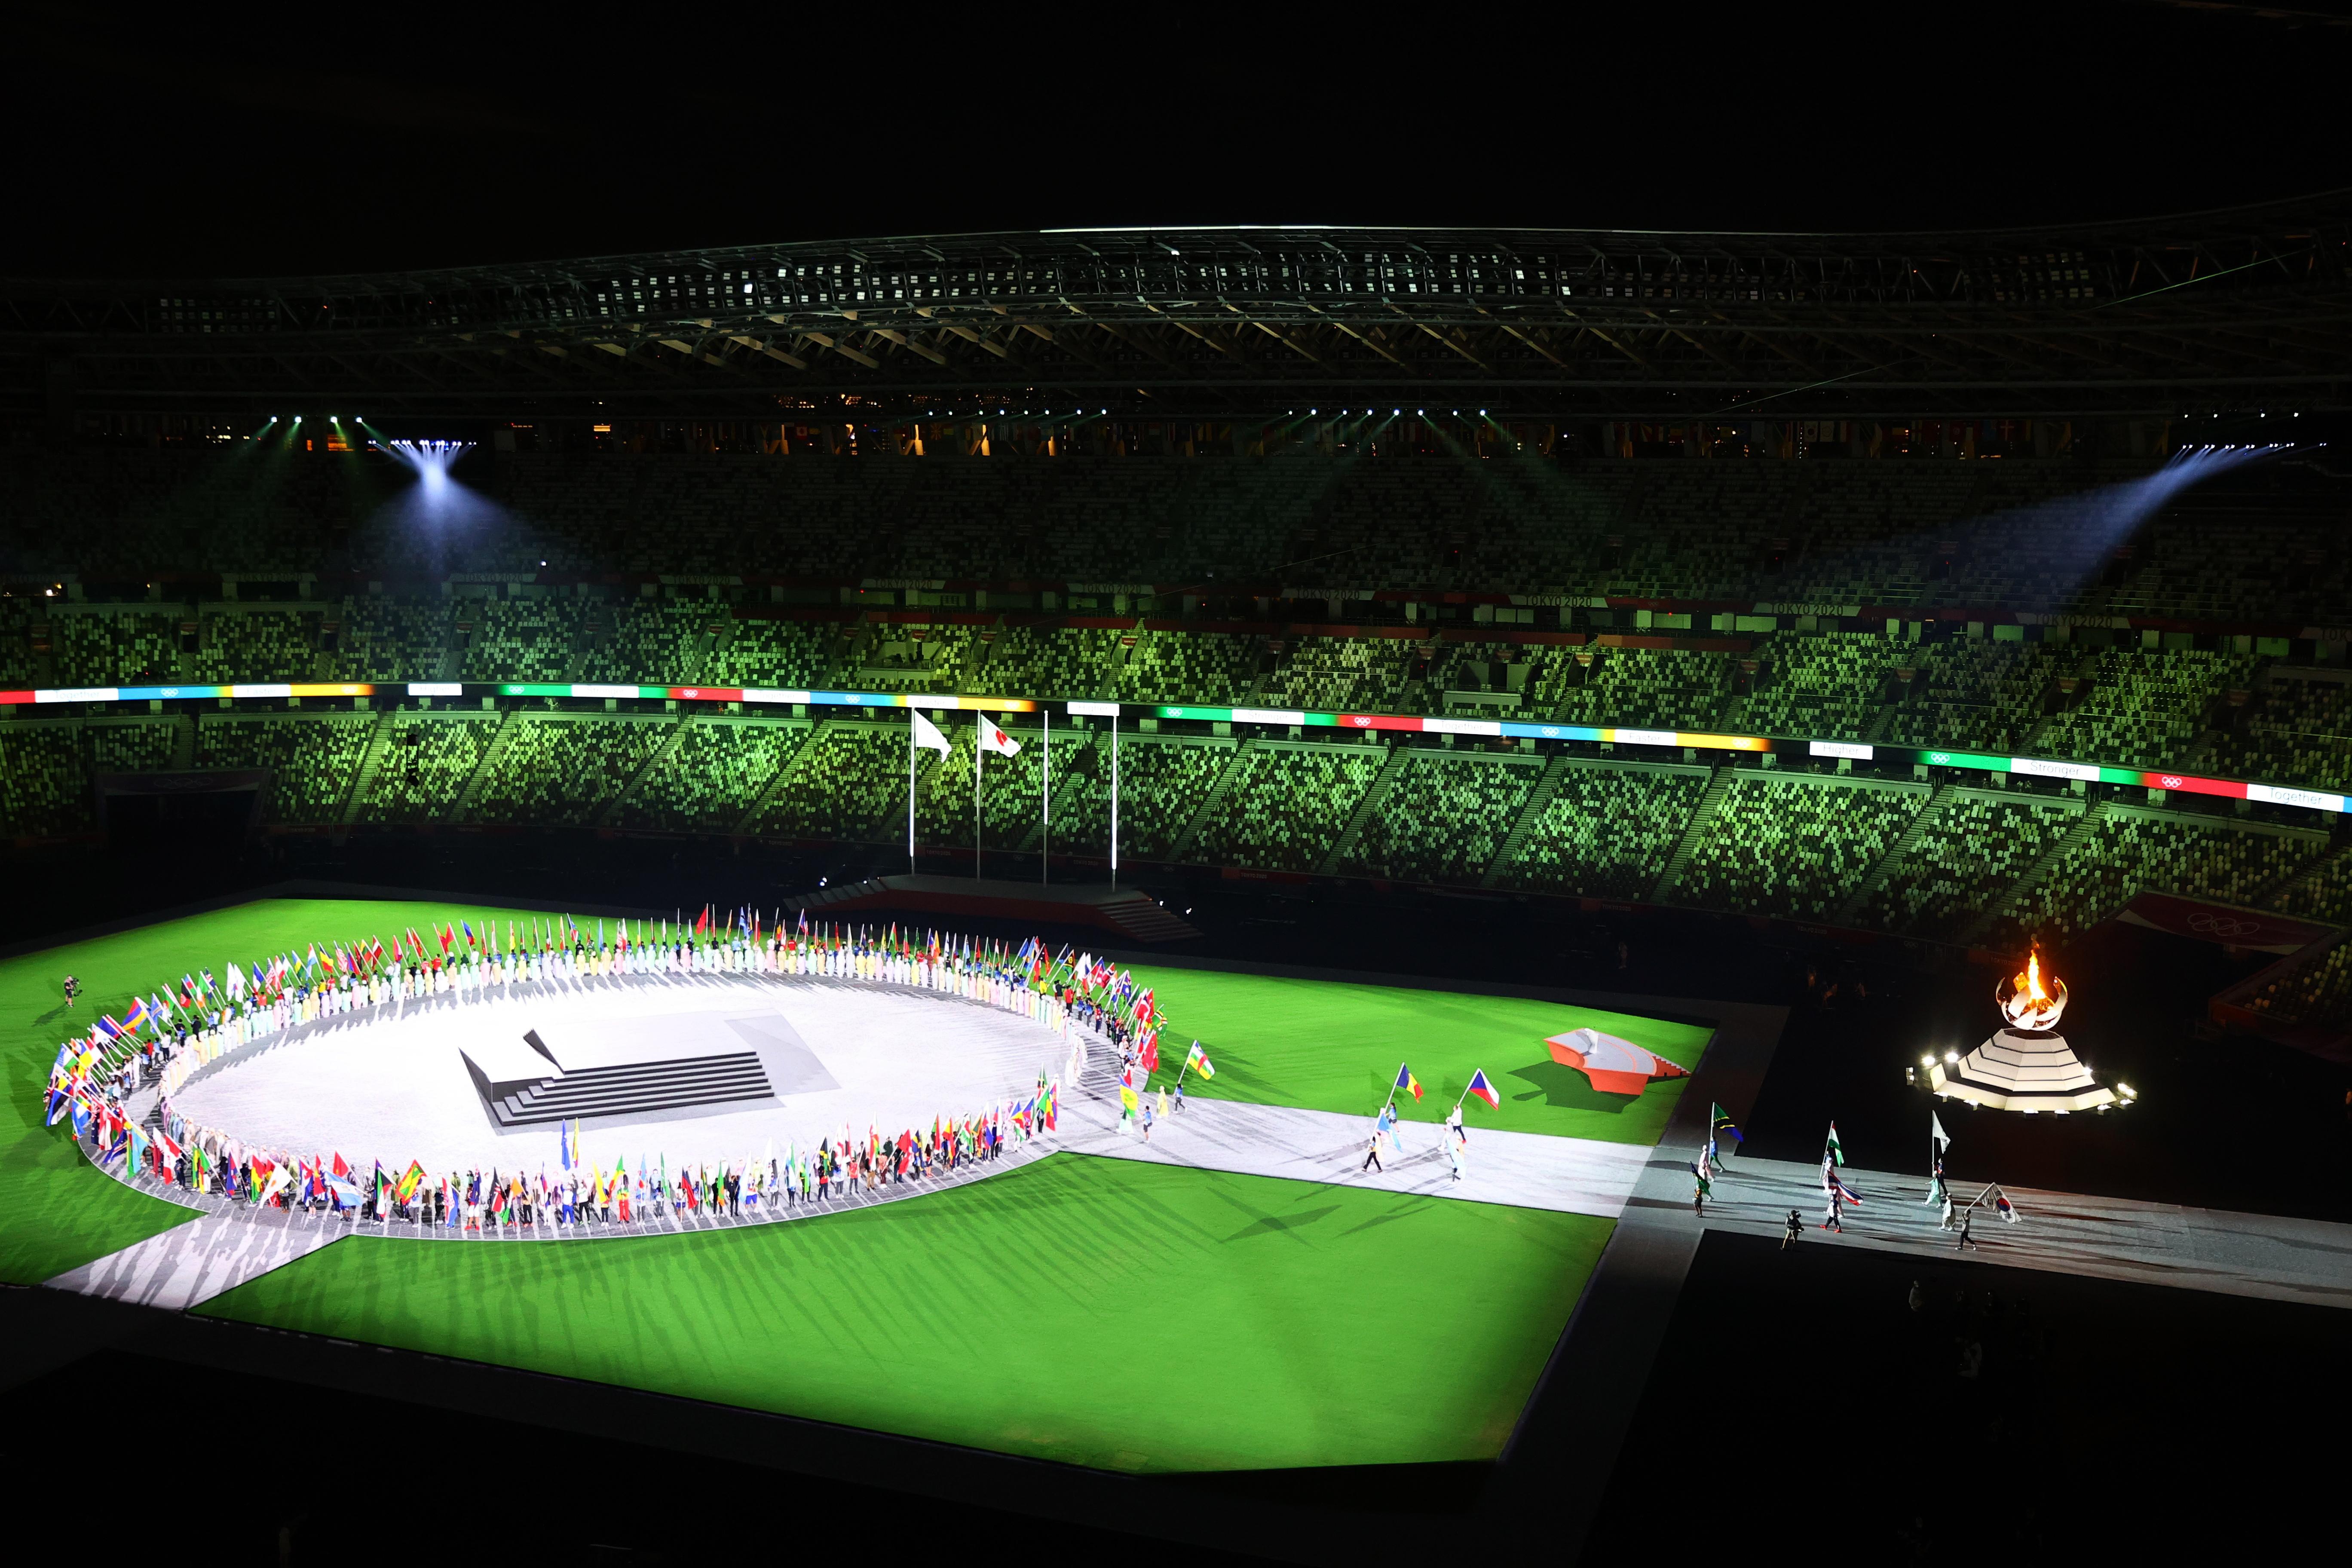 टोक्यो ओलिंपिक के समापन समारोह में सभी एथलीट्स एक साथ एकजुट होकर स्टेडियम में आते दिखे। वे स्ट्रॉन्ग टुगेदर का मैसेज दे रहे हैं।